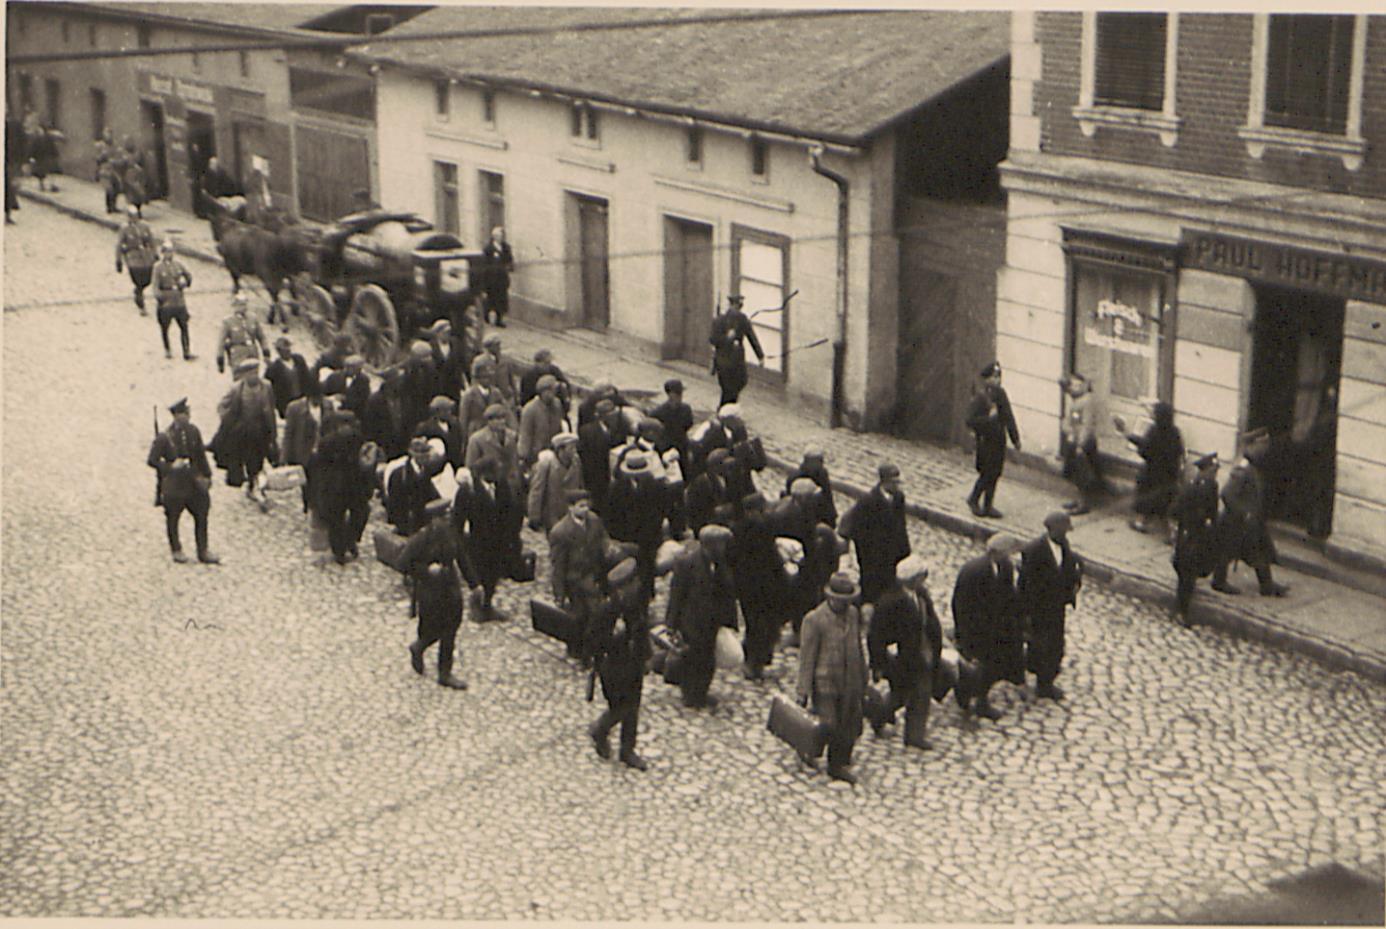 Fot. 1. Transport aresztowanych na stację kolejową (ujęcie pierwsze). Źródło: I. Z. Dok. IV – 132.